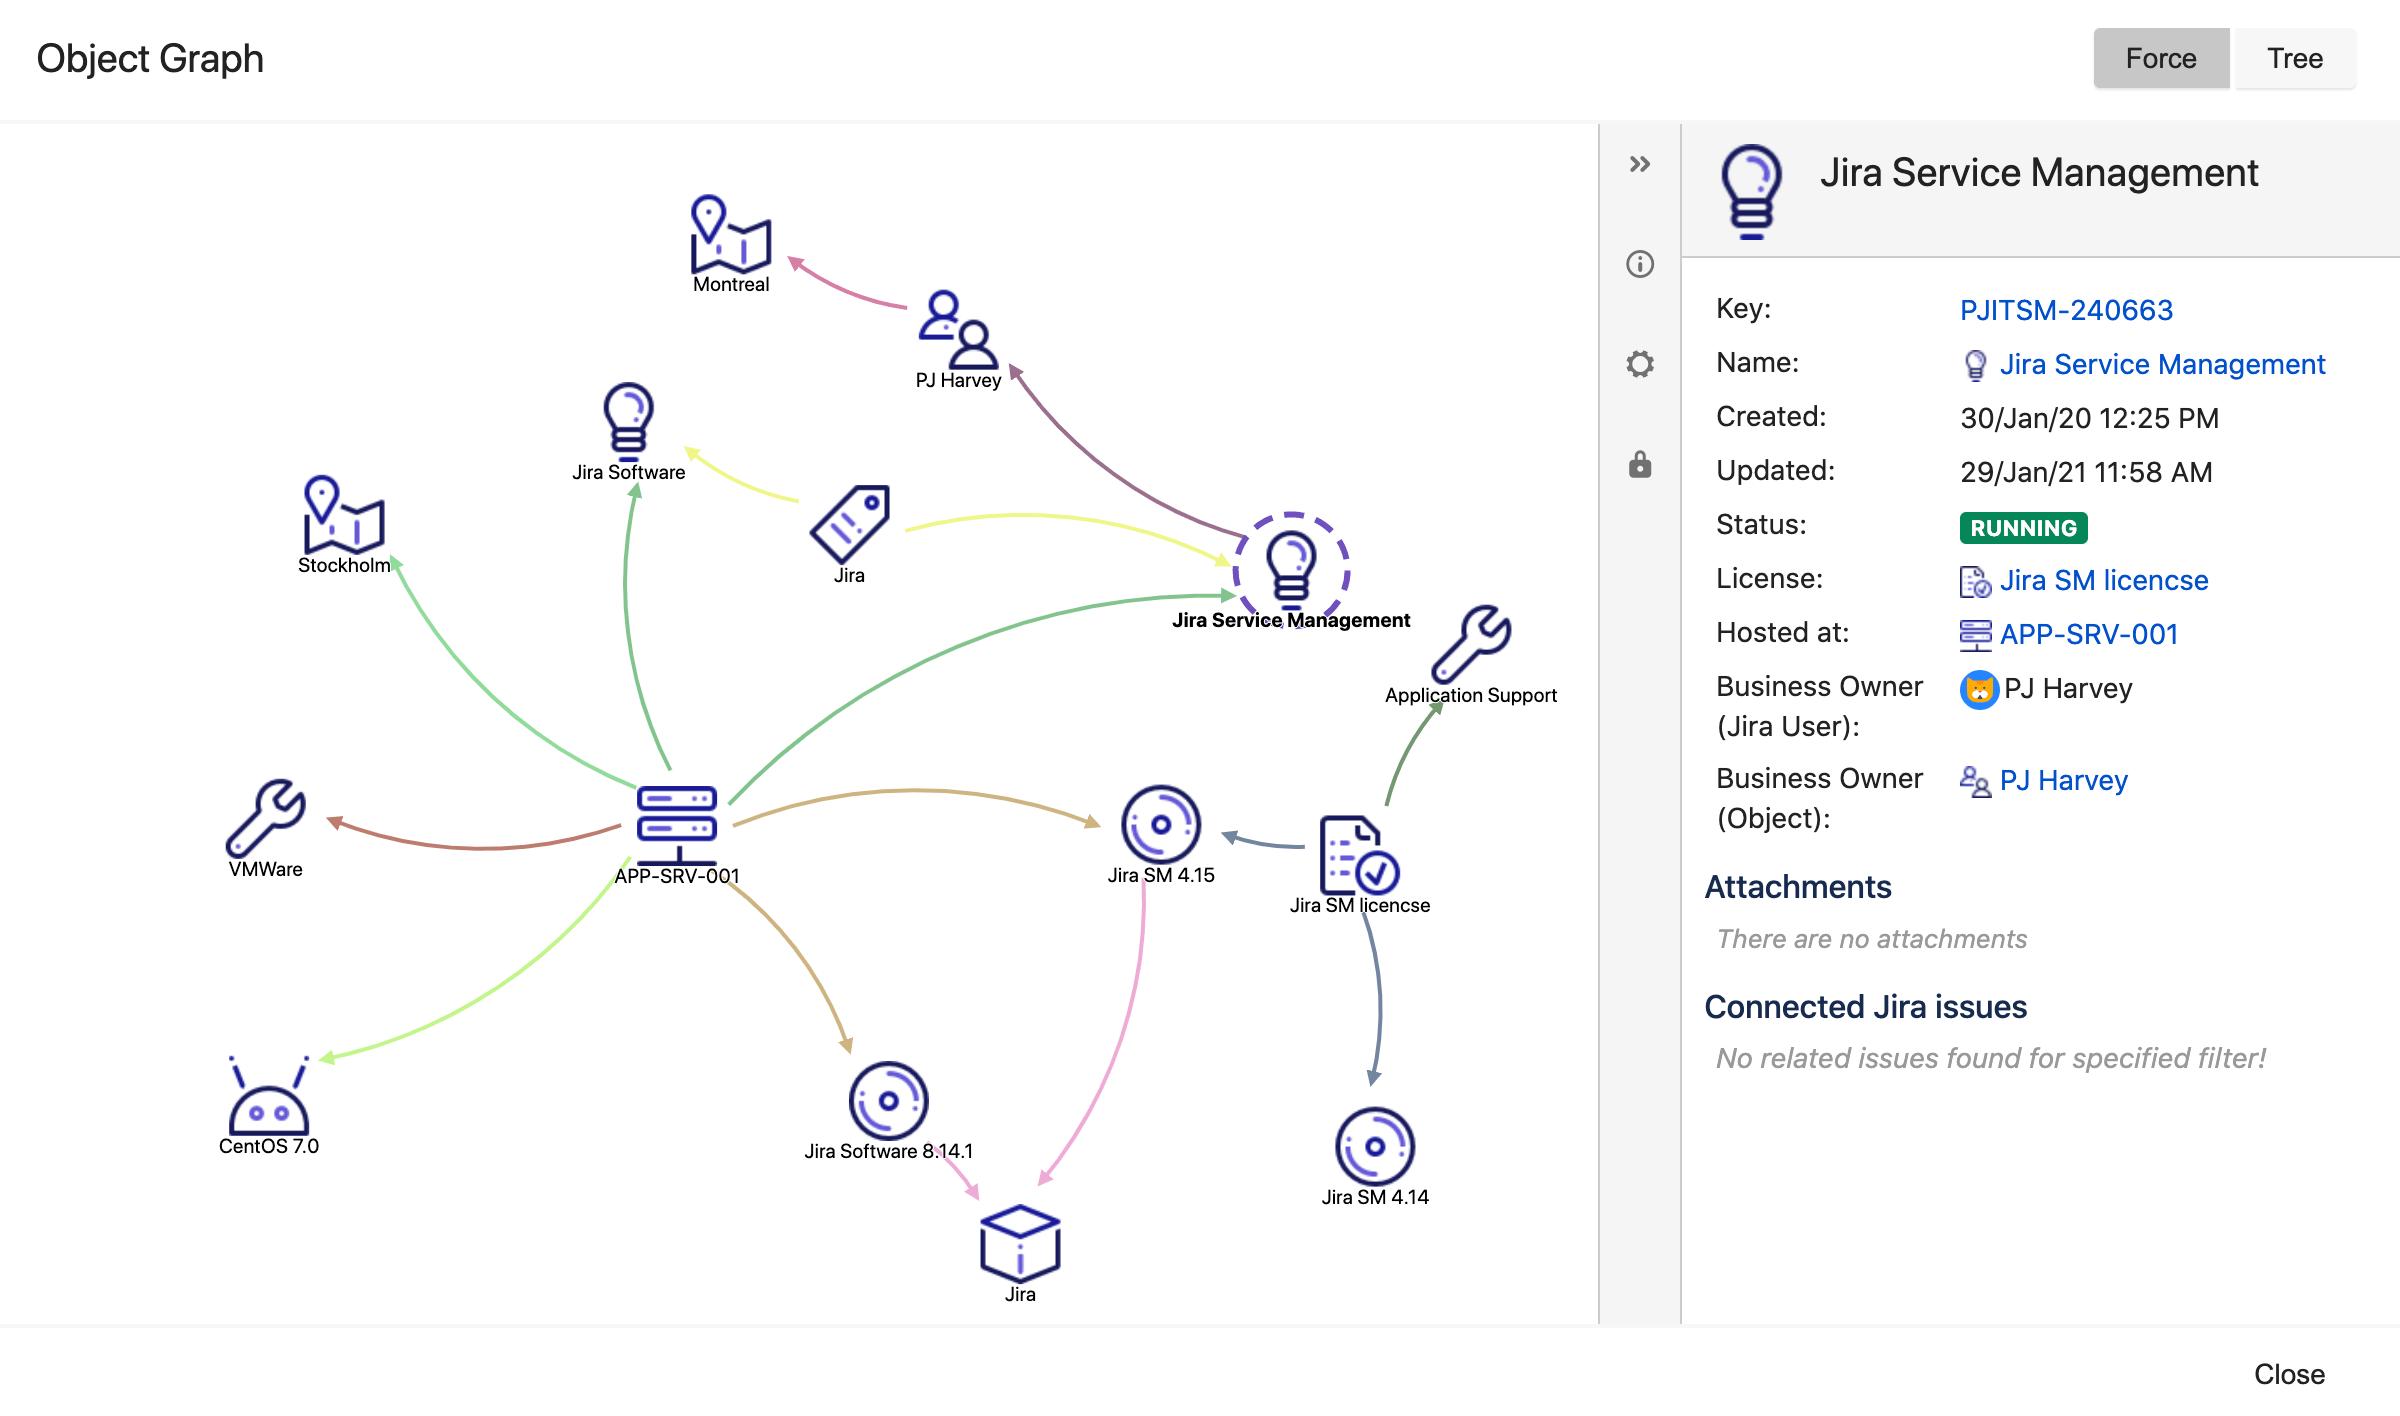 オブジェクト「Jira Service Management」の Insight グラフィカル ビューアー ウィンドウ。それがあるホスト、OS、必要な異なる Jira バージョン、ライセンスなどの依存関係を表示します。